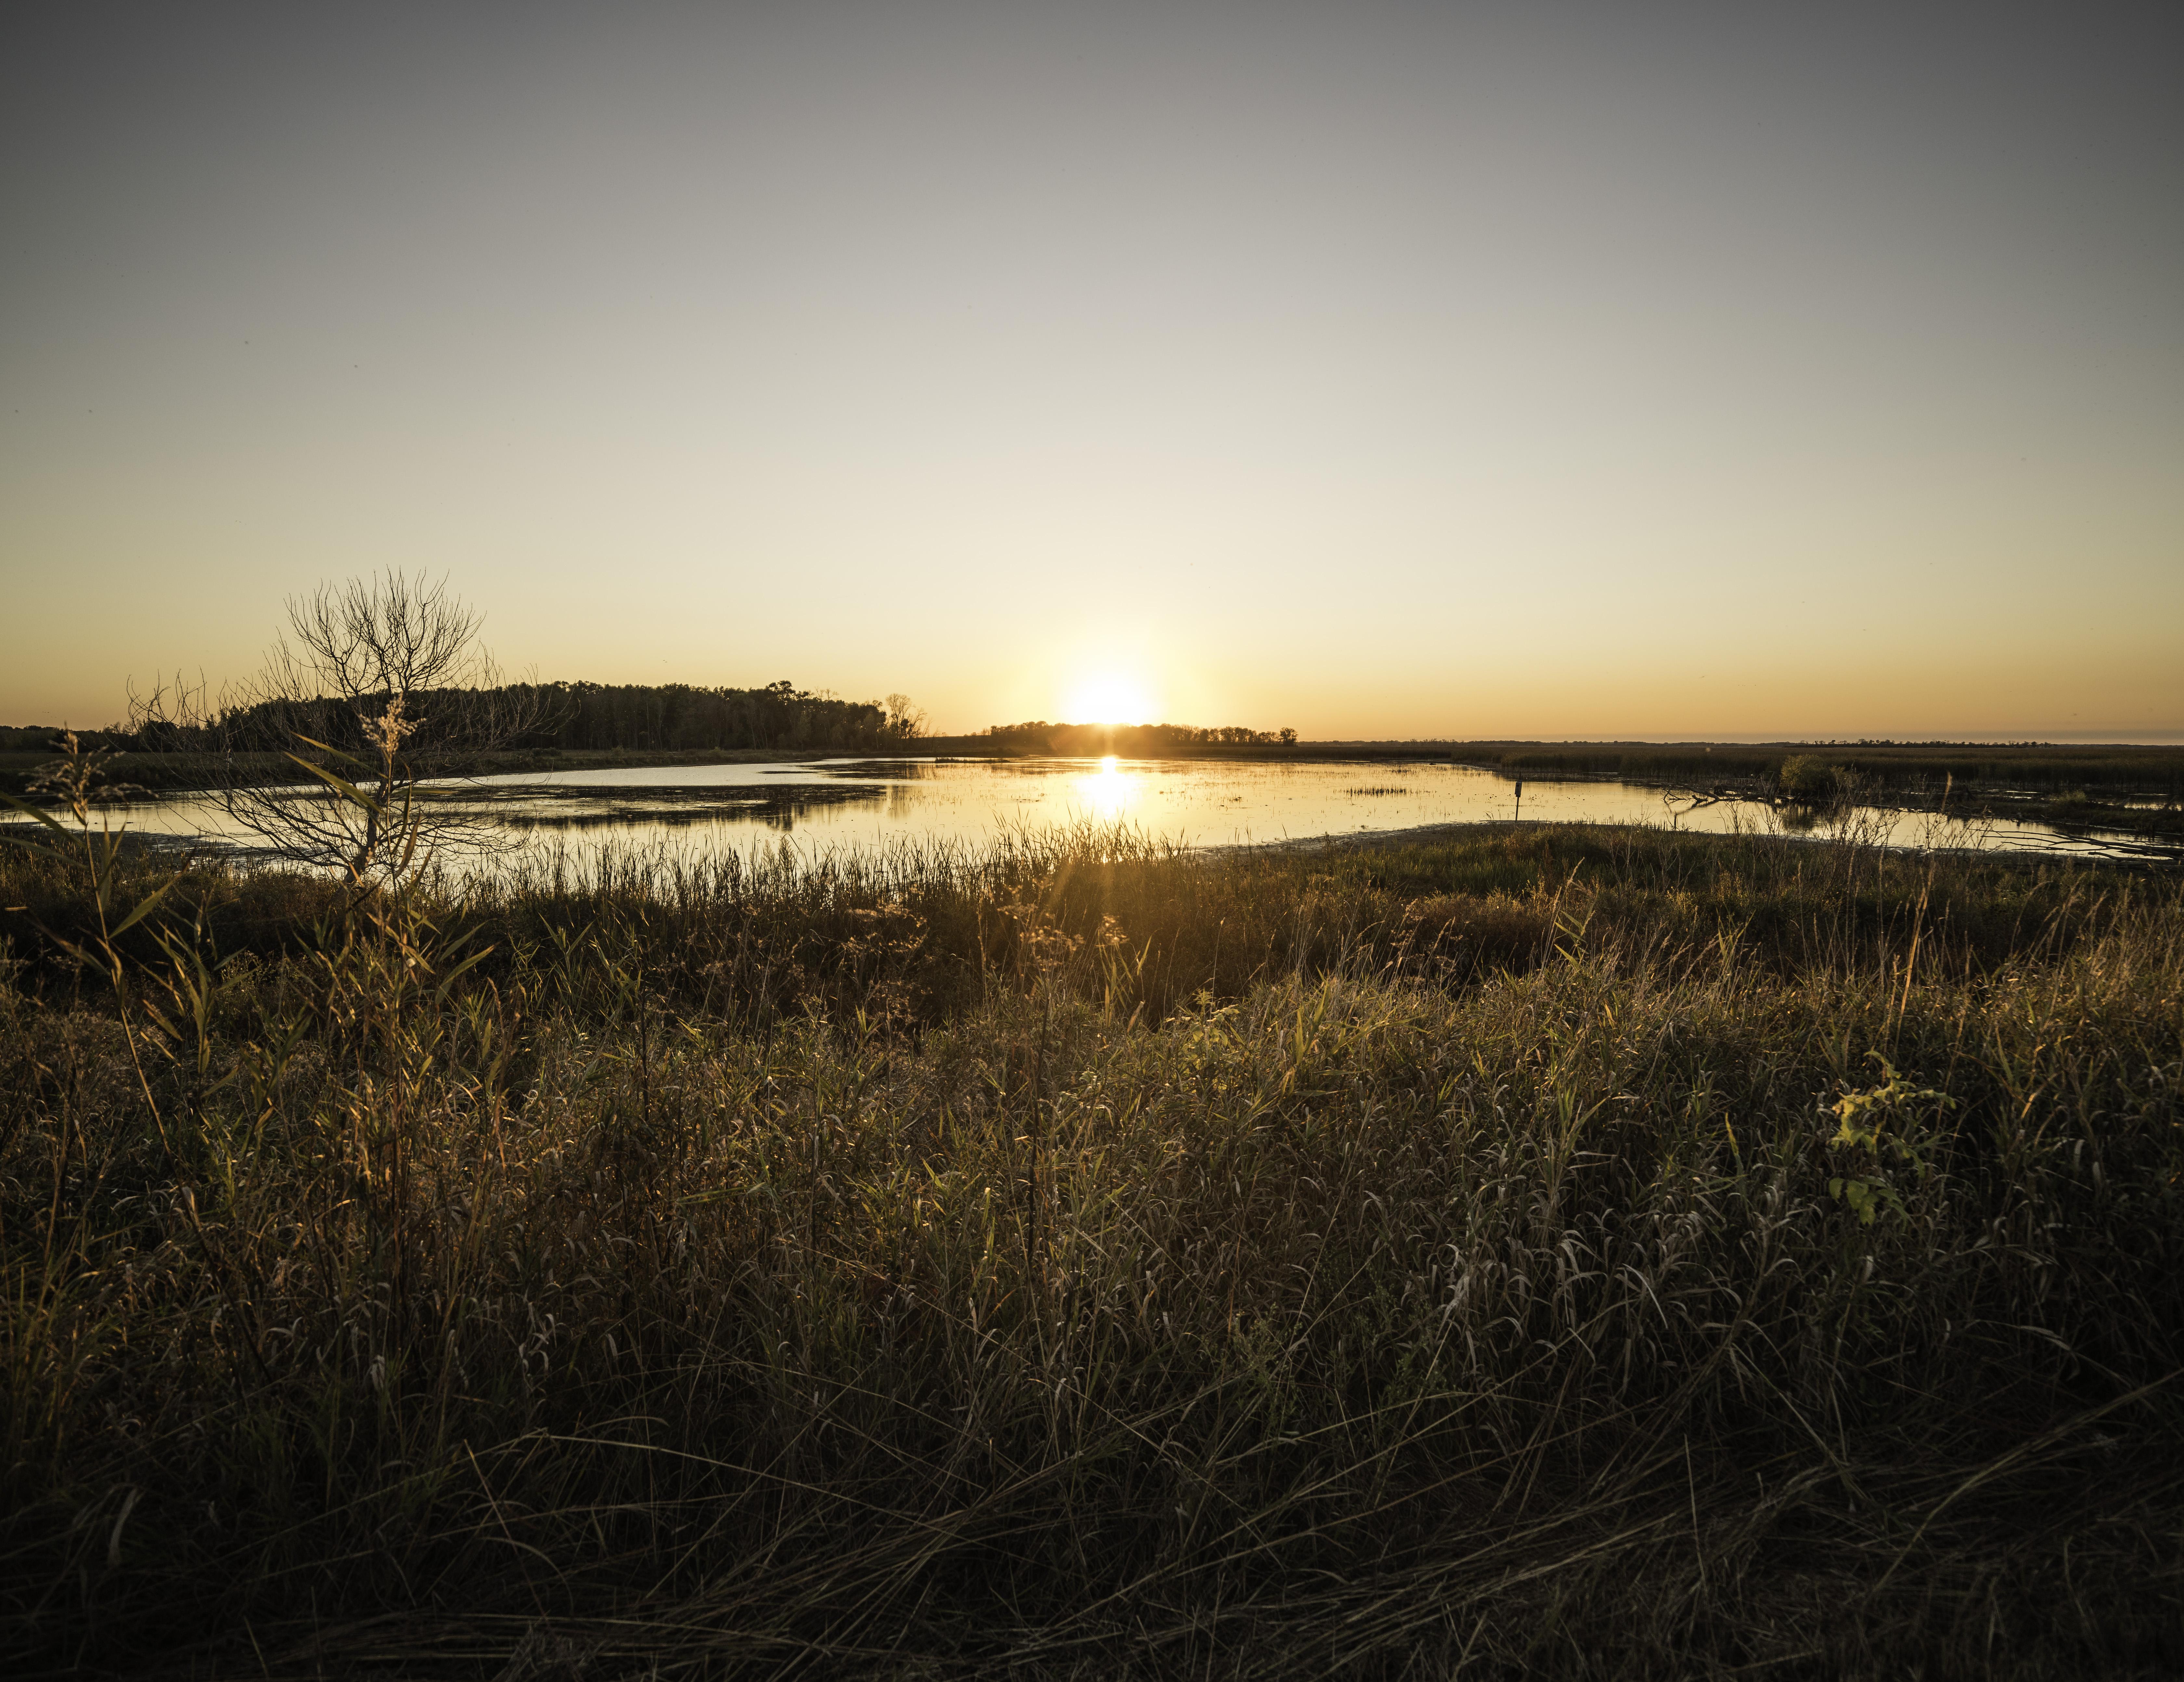 sunset-landscape-over-horicon-marsh